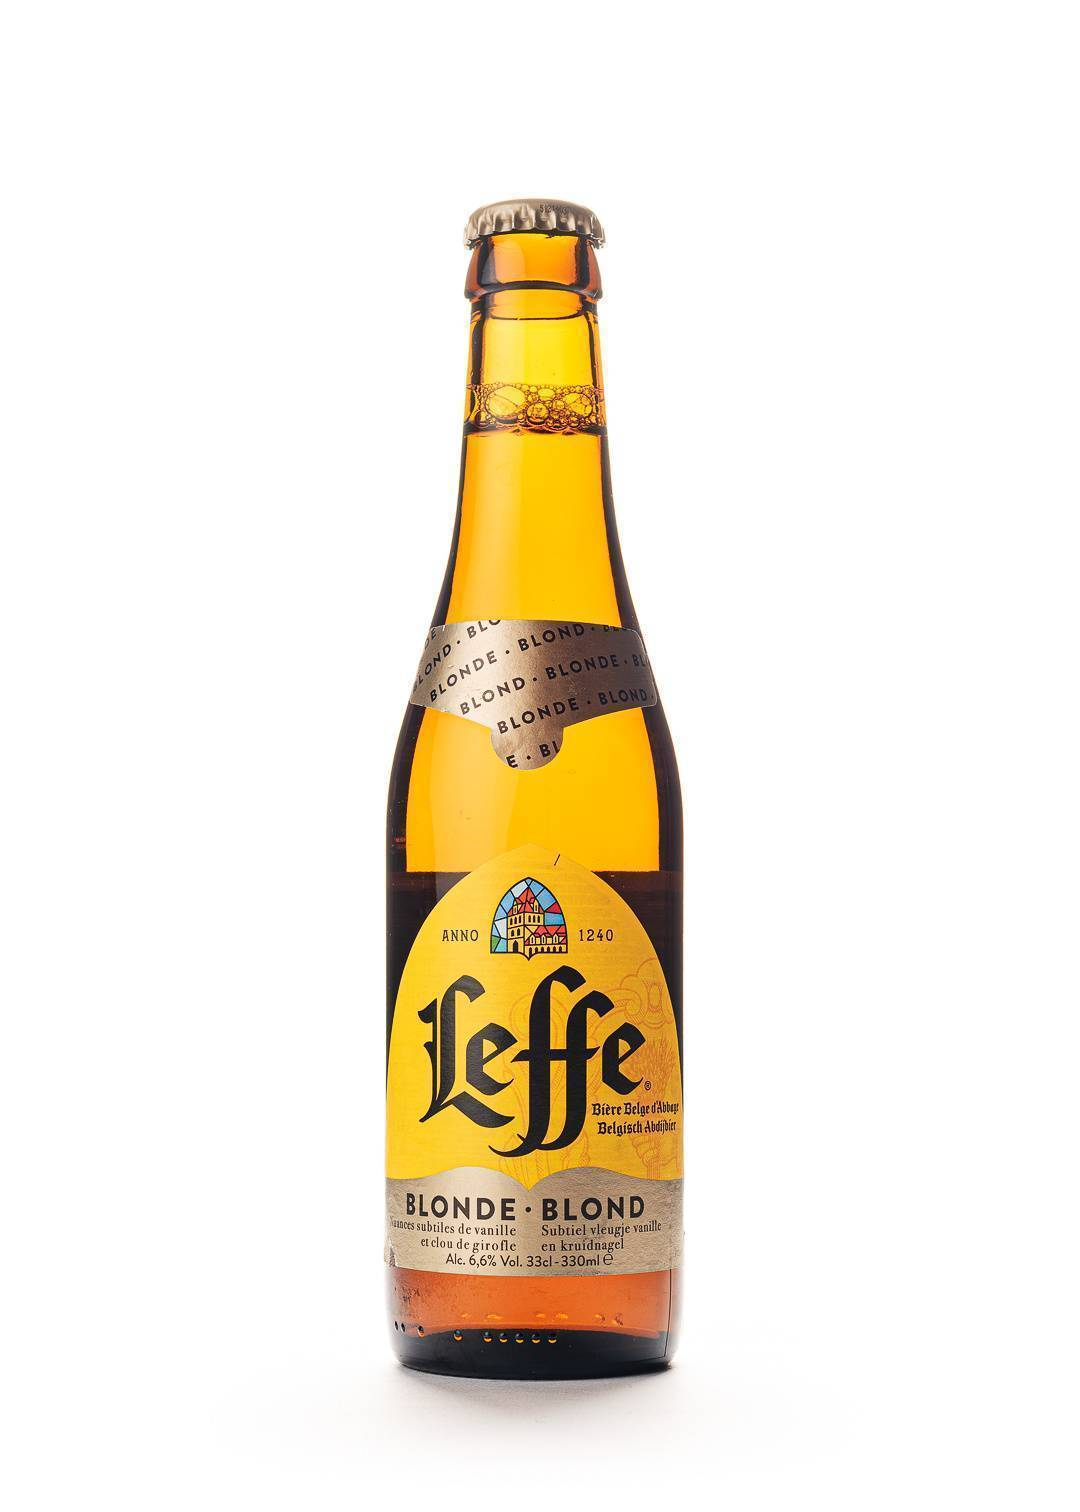 Большой обзор всей линейки пива leffe из красное&белое. все очень хорошо